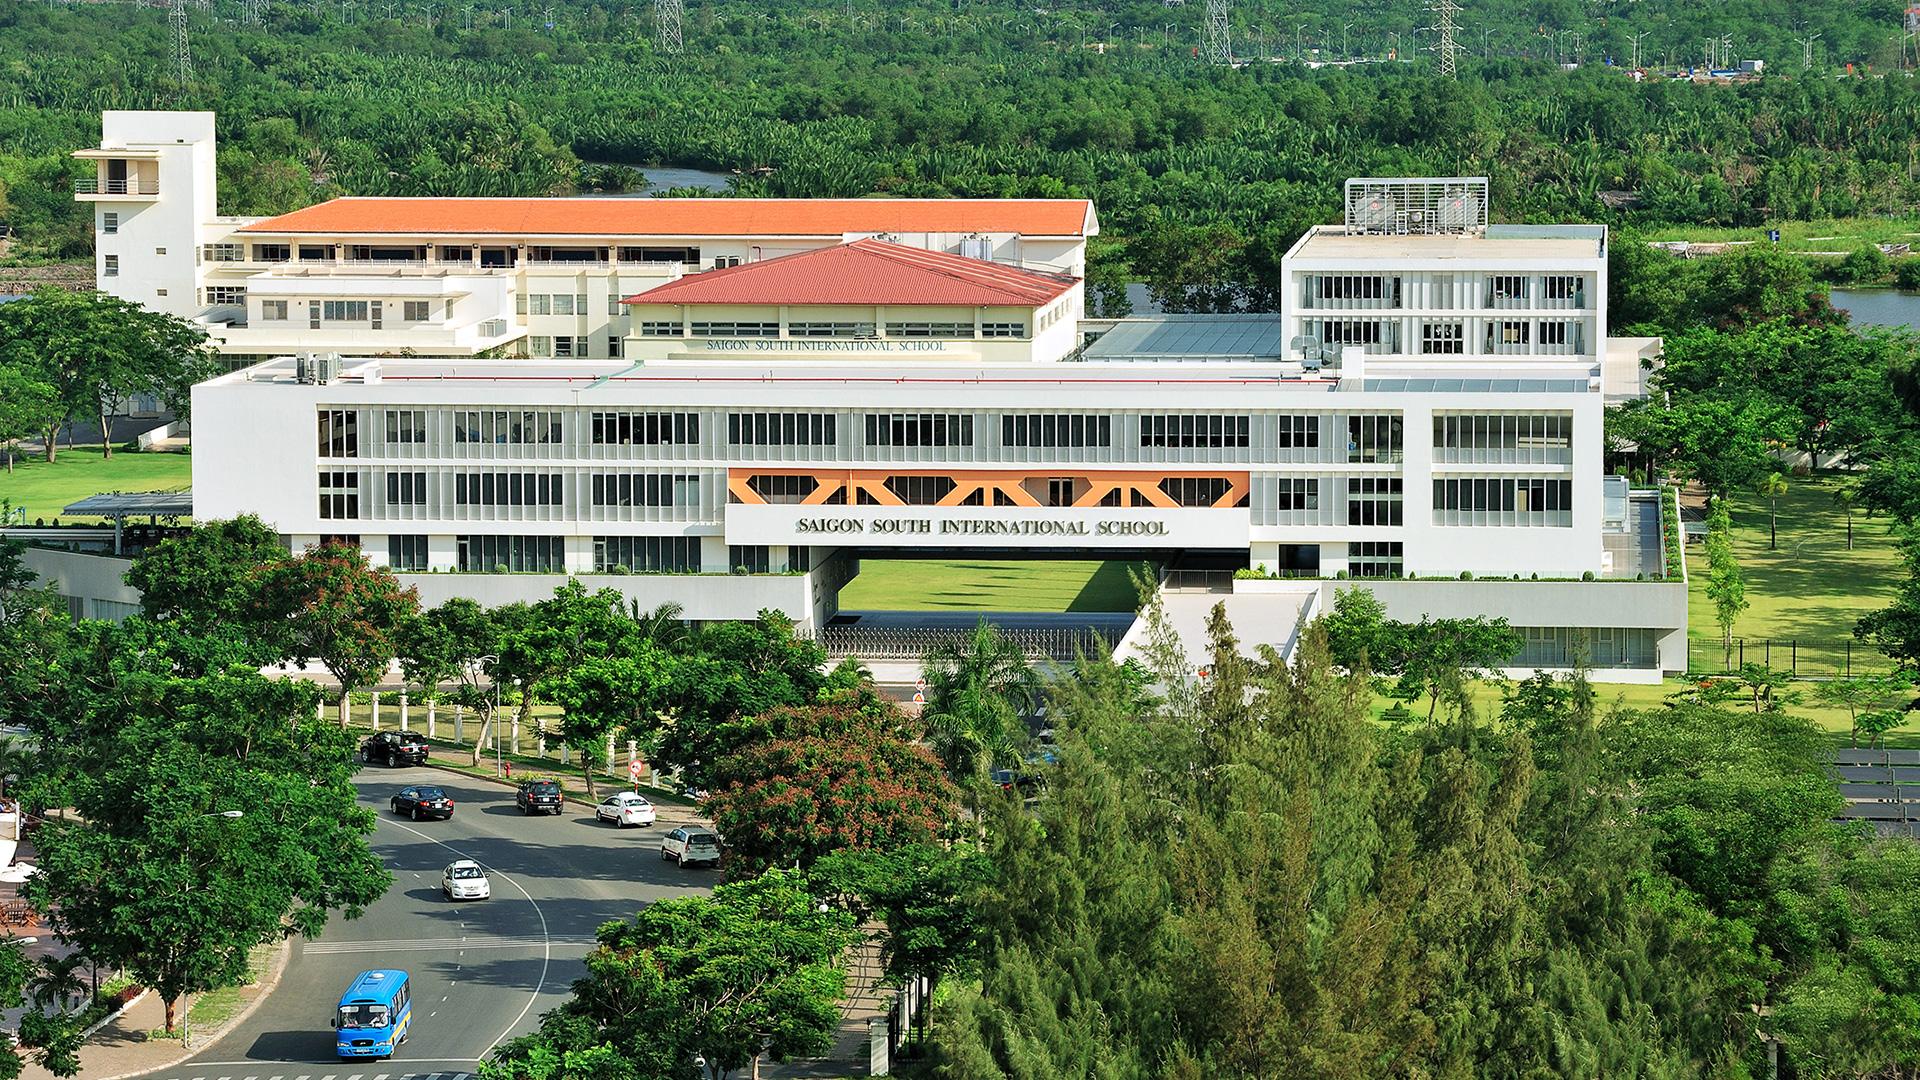 Ở Sài Gòn có một ngôi trường sang - xịn: Học phí hơn nửa tỷ mỗi năm nhưng nhìn chương trình học, bố mẹ nào cũng sẵn lòng mở ví - Ảnh 3.